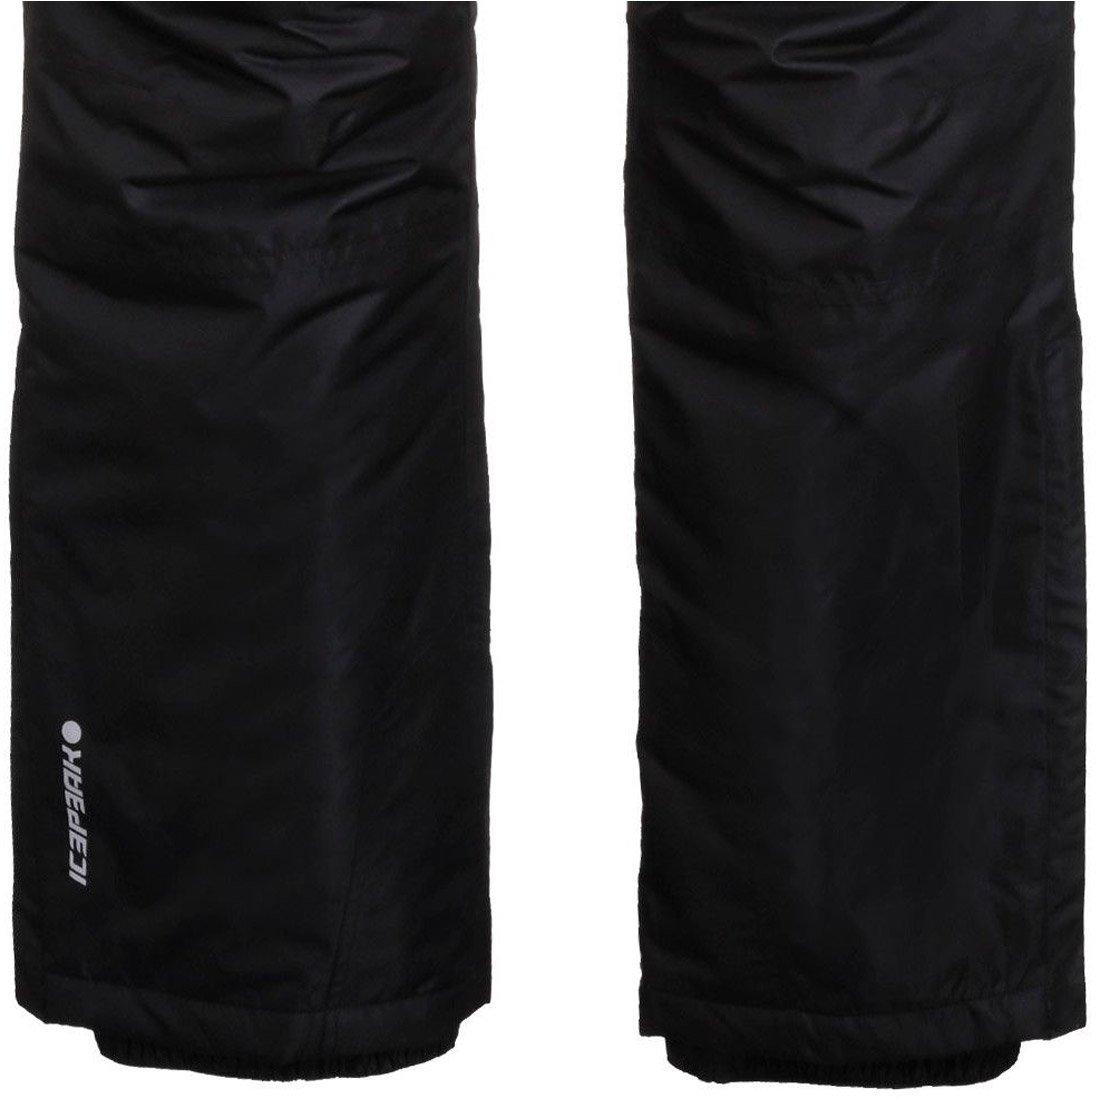 מכנסי סקי לגברים - Fitchburg - Icepeak